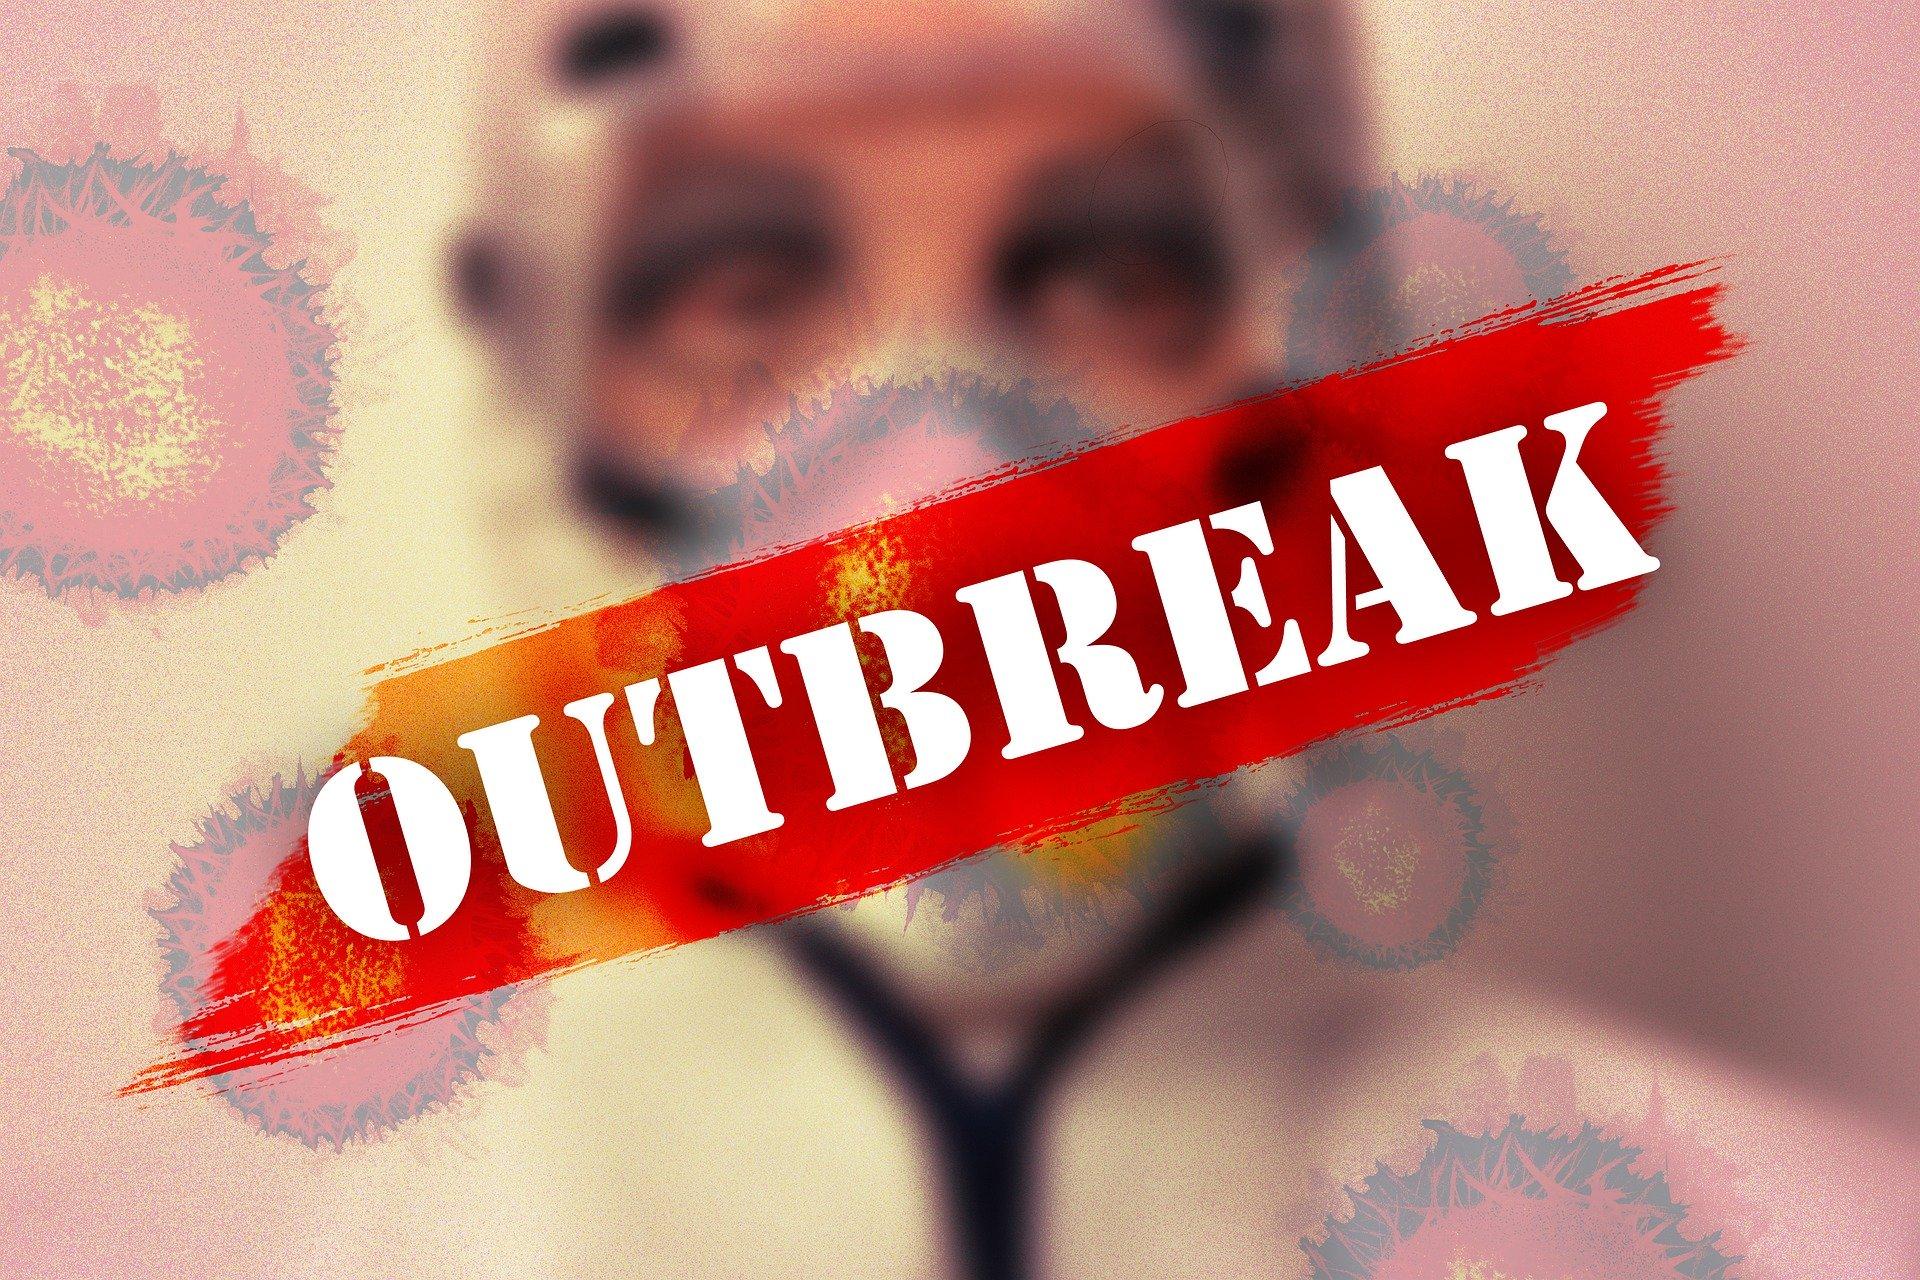 Že 9 smrtnih žrtev. 70 novih okužb. V UKC Maribor izredne razmere